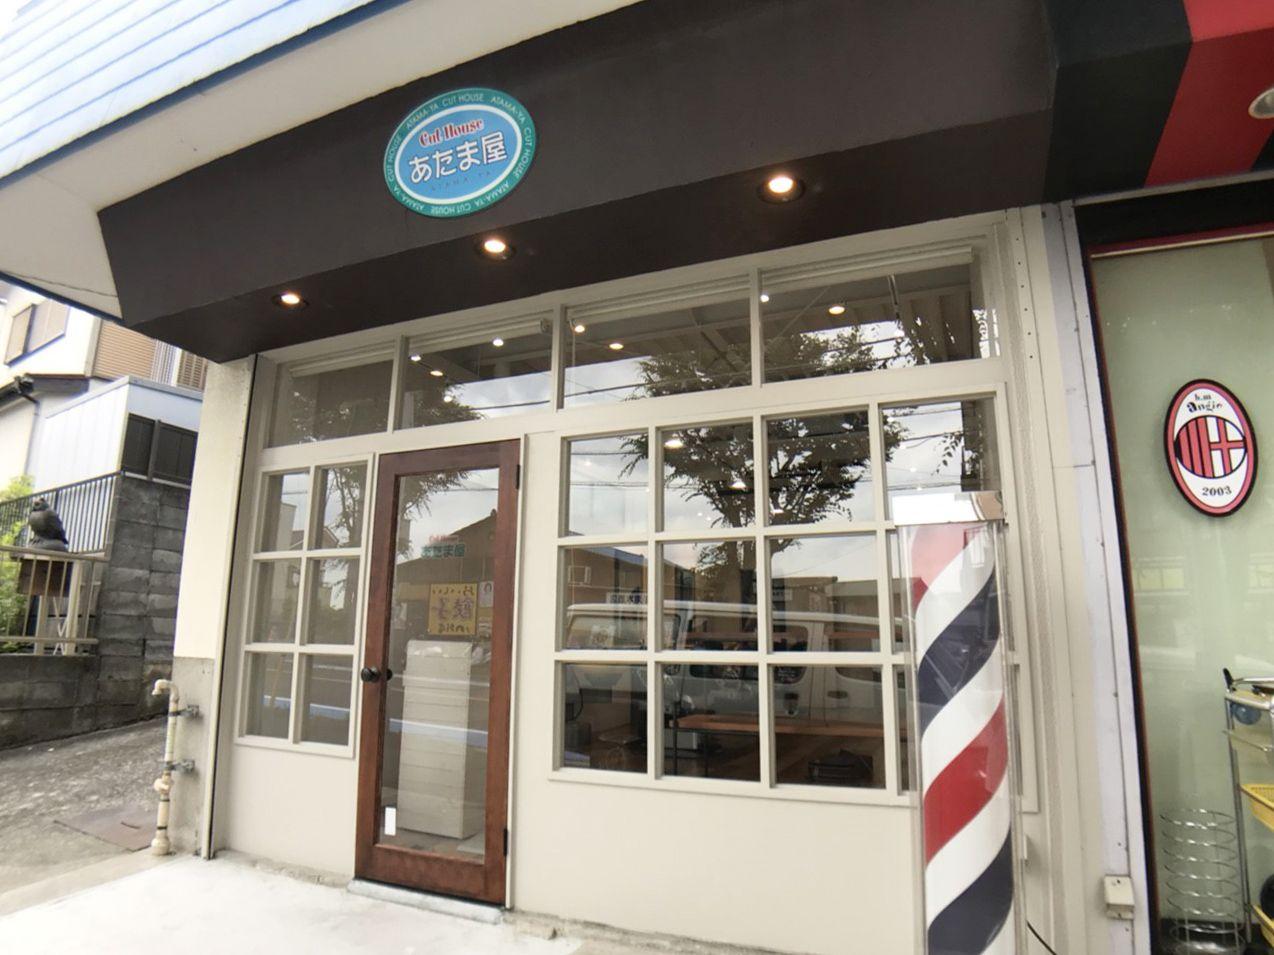 店舗デザイン あたま屋様 新装工事 美容室 内装 デザイン 木目調の壁紙